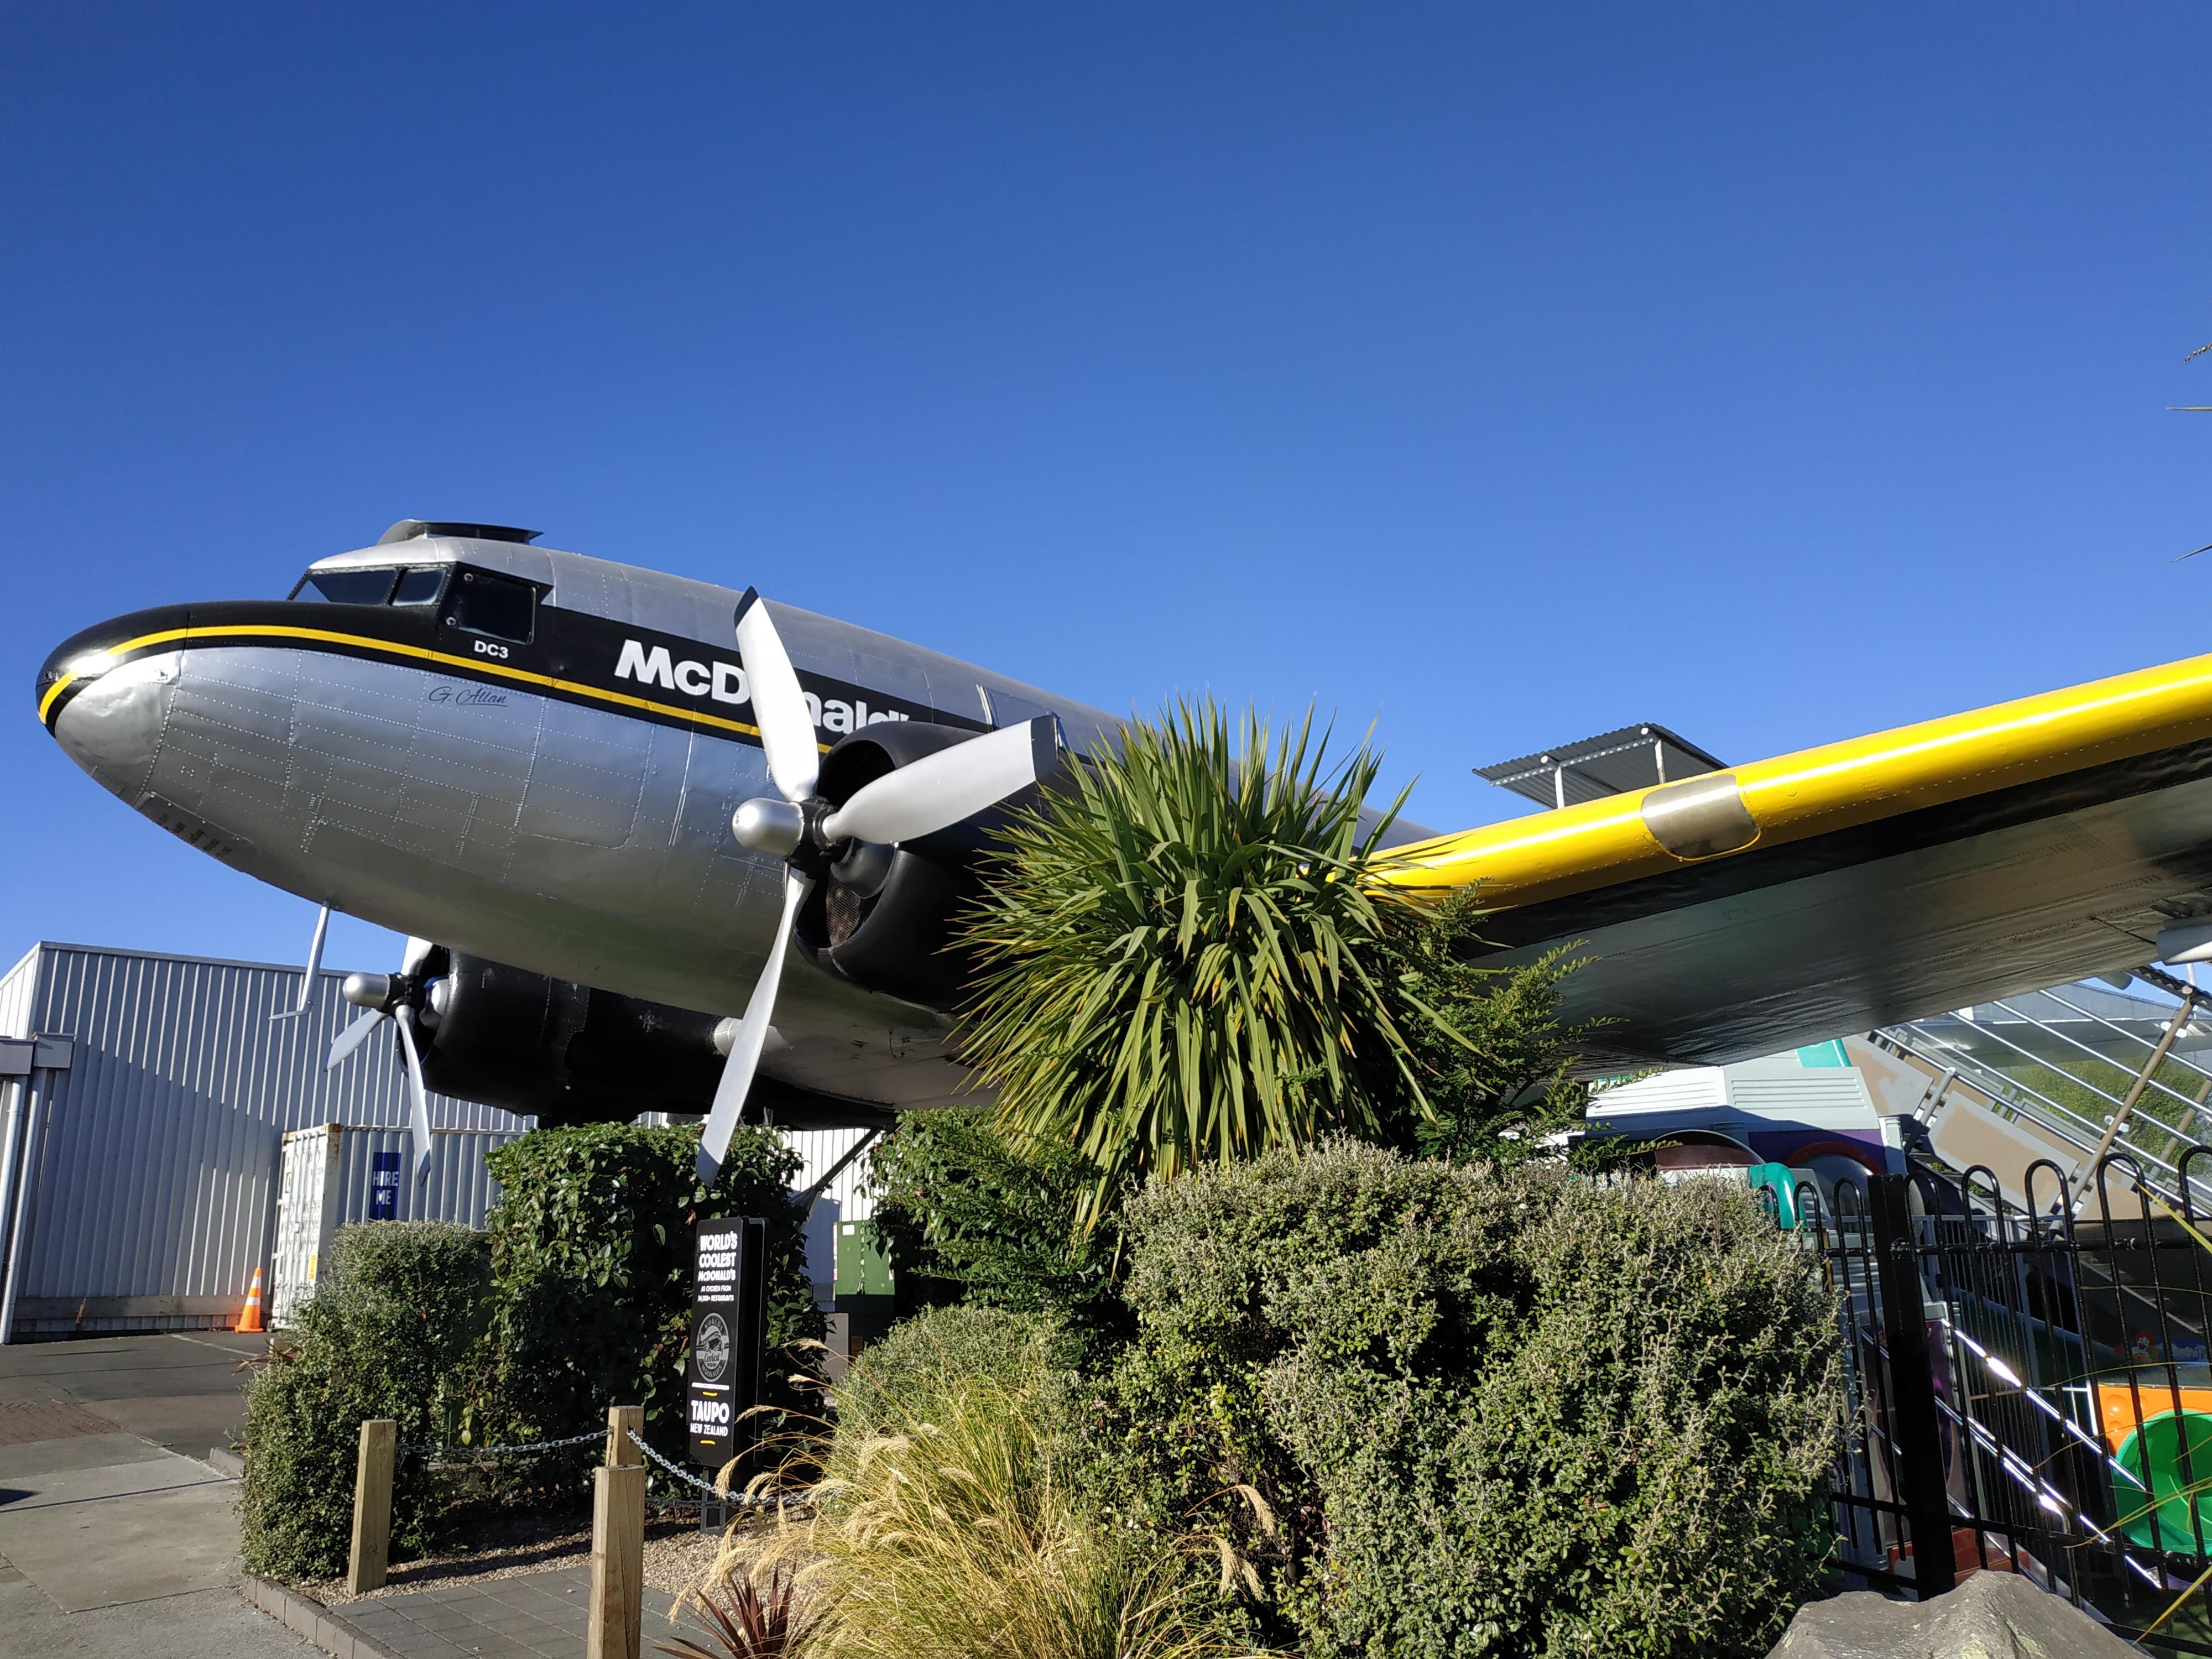 Abrieron un McDonald's en un avión fuera de servicio en Nueva Zelanda (3)